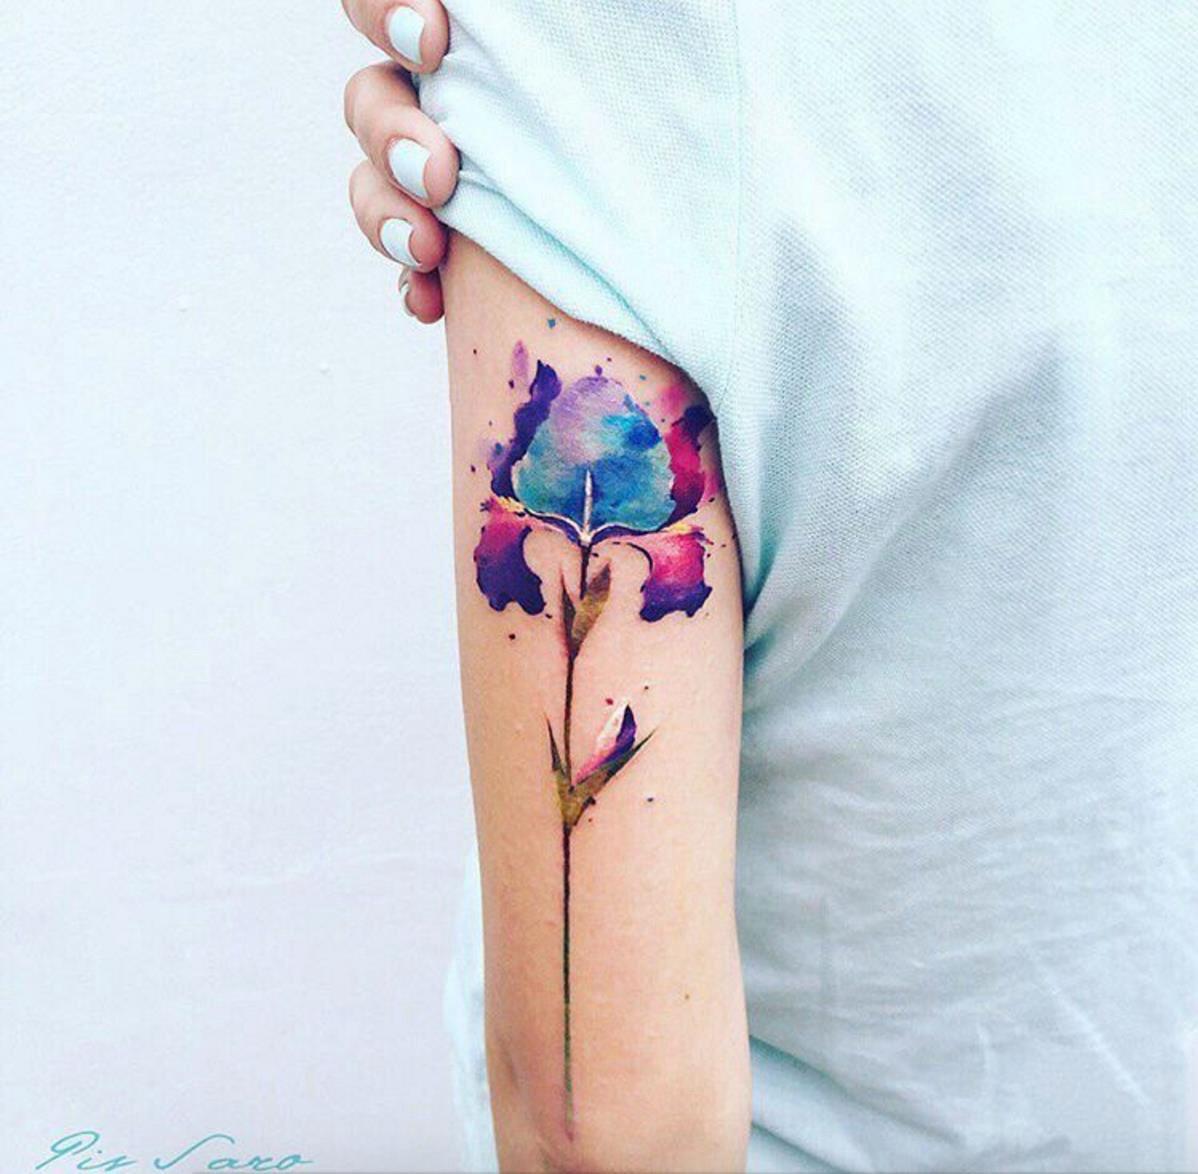 coloridos diseños de tatuajes en el brazo, tattoo acuarela en bonitos colores con motivos florales